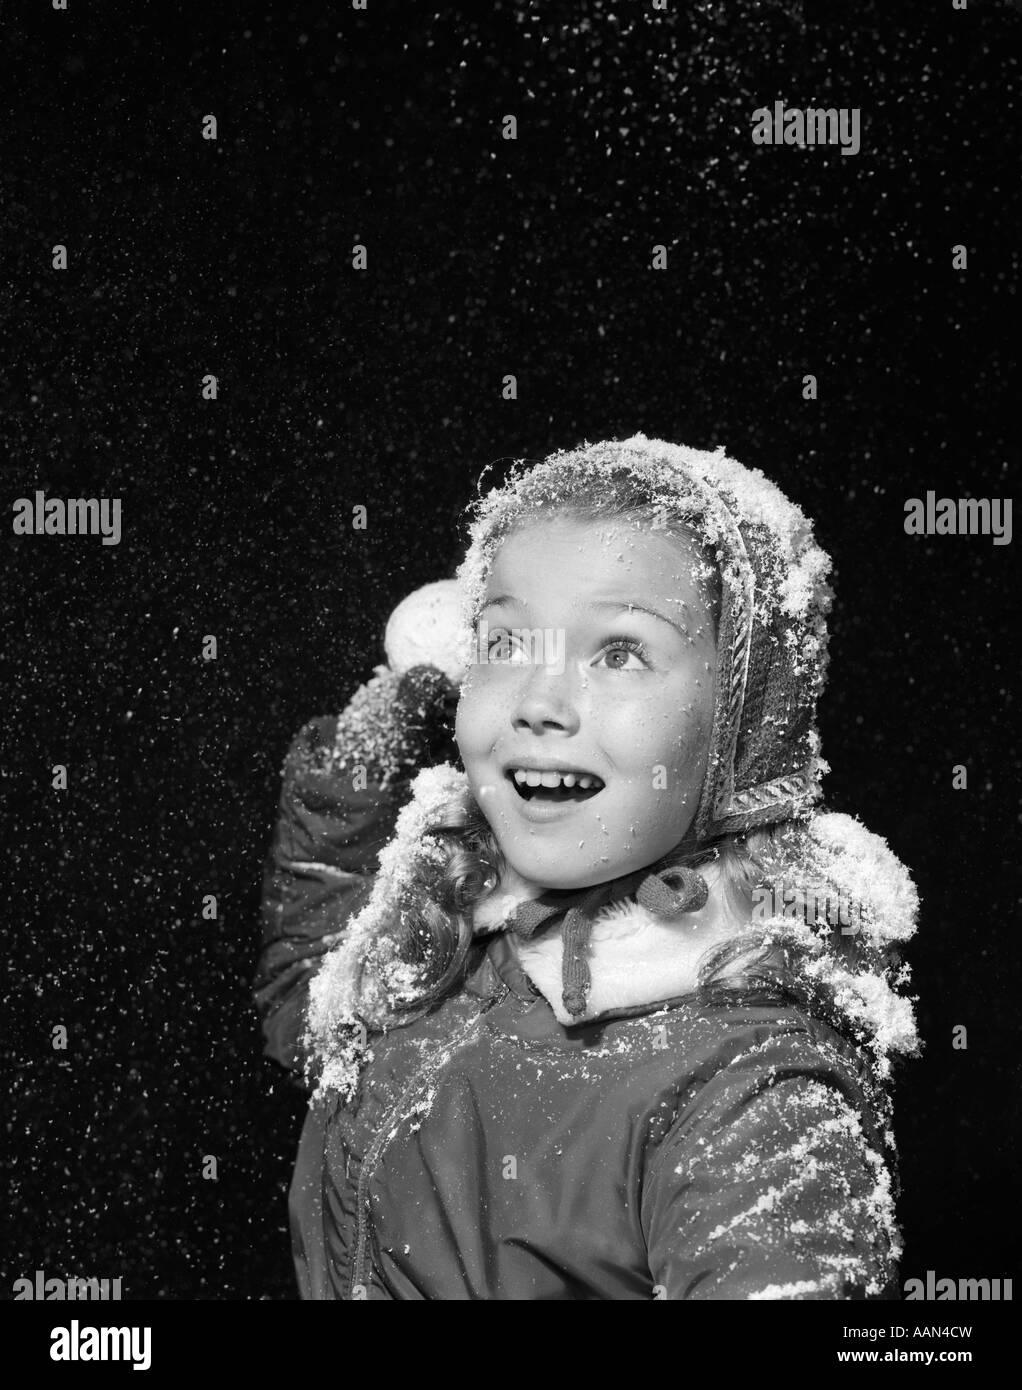 Anni Cinquanta bambina con finti fiocchi di neve caduta sul cappello e  capelli lanciando palle di neve IN STUDIO e652eaaf358f